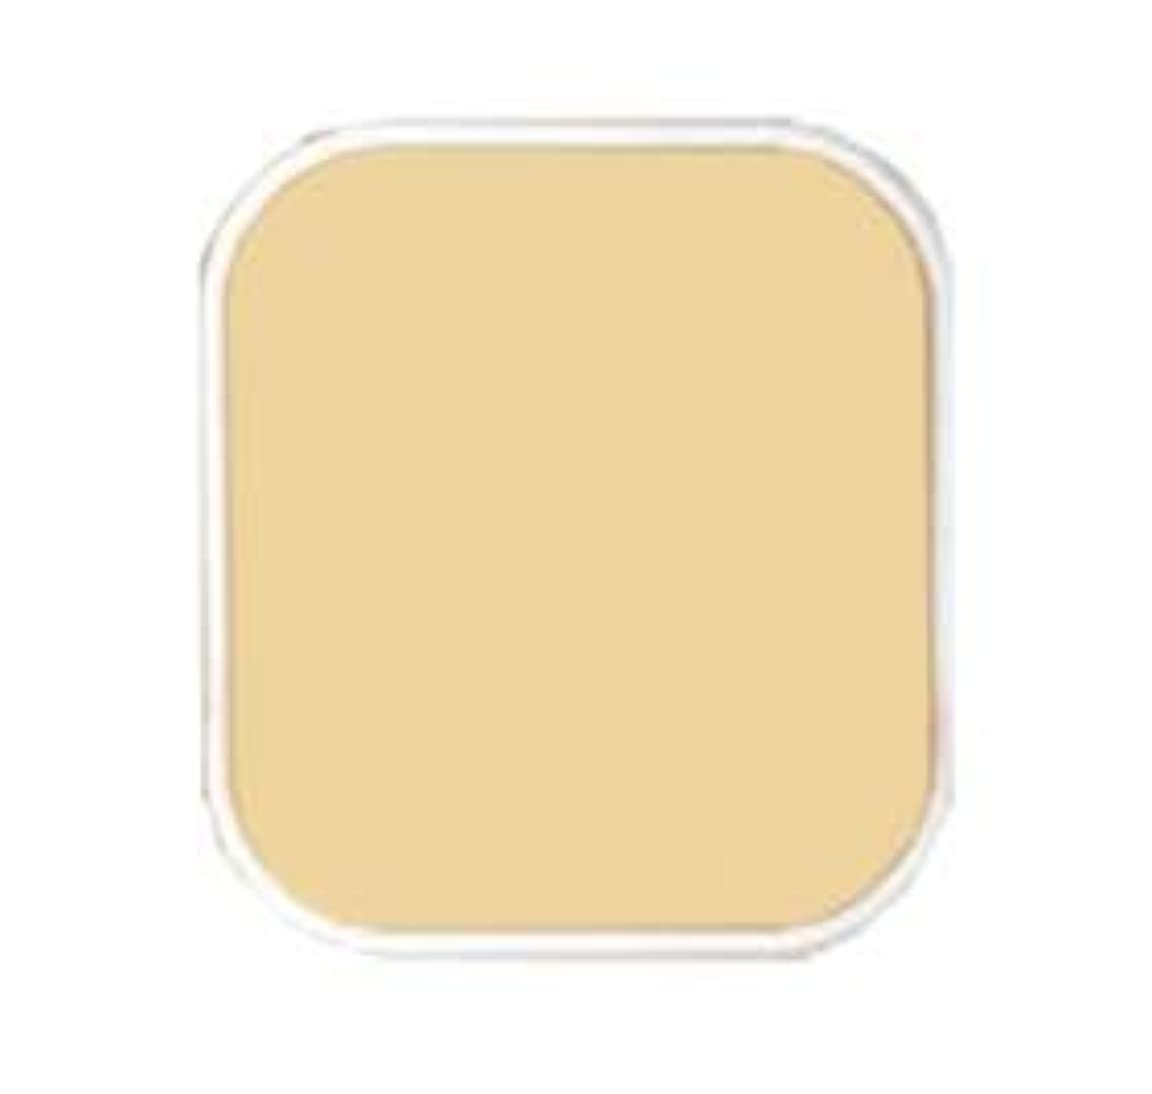 注入レンジ融合アクセーヌ クリーミィファンデーションPV(リフィル)<O10明るいオークル系>※ケース別売り(11g)